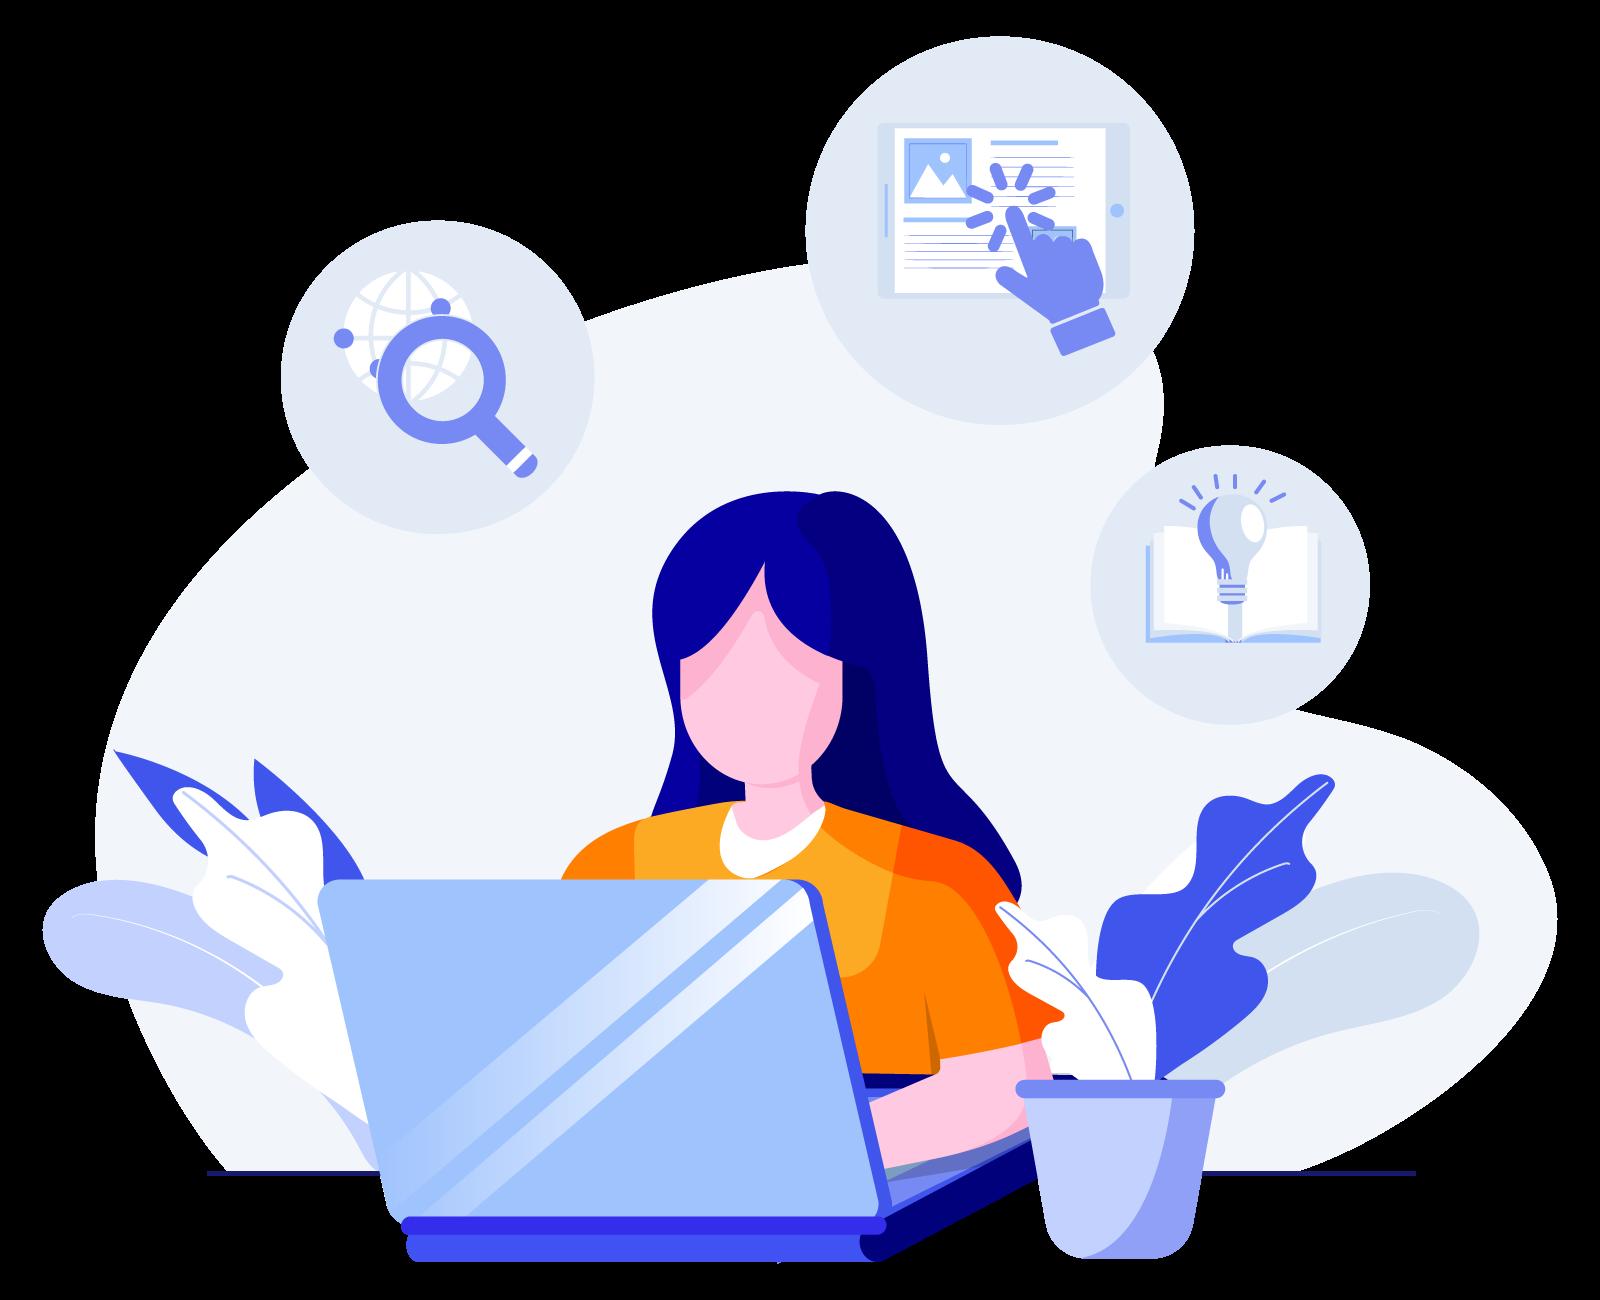 website design services illustration